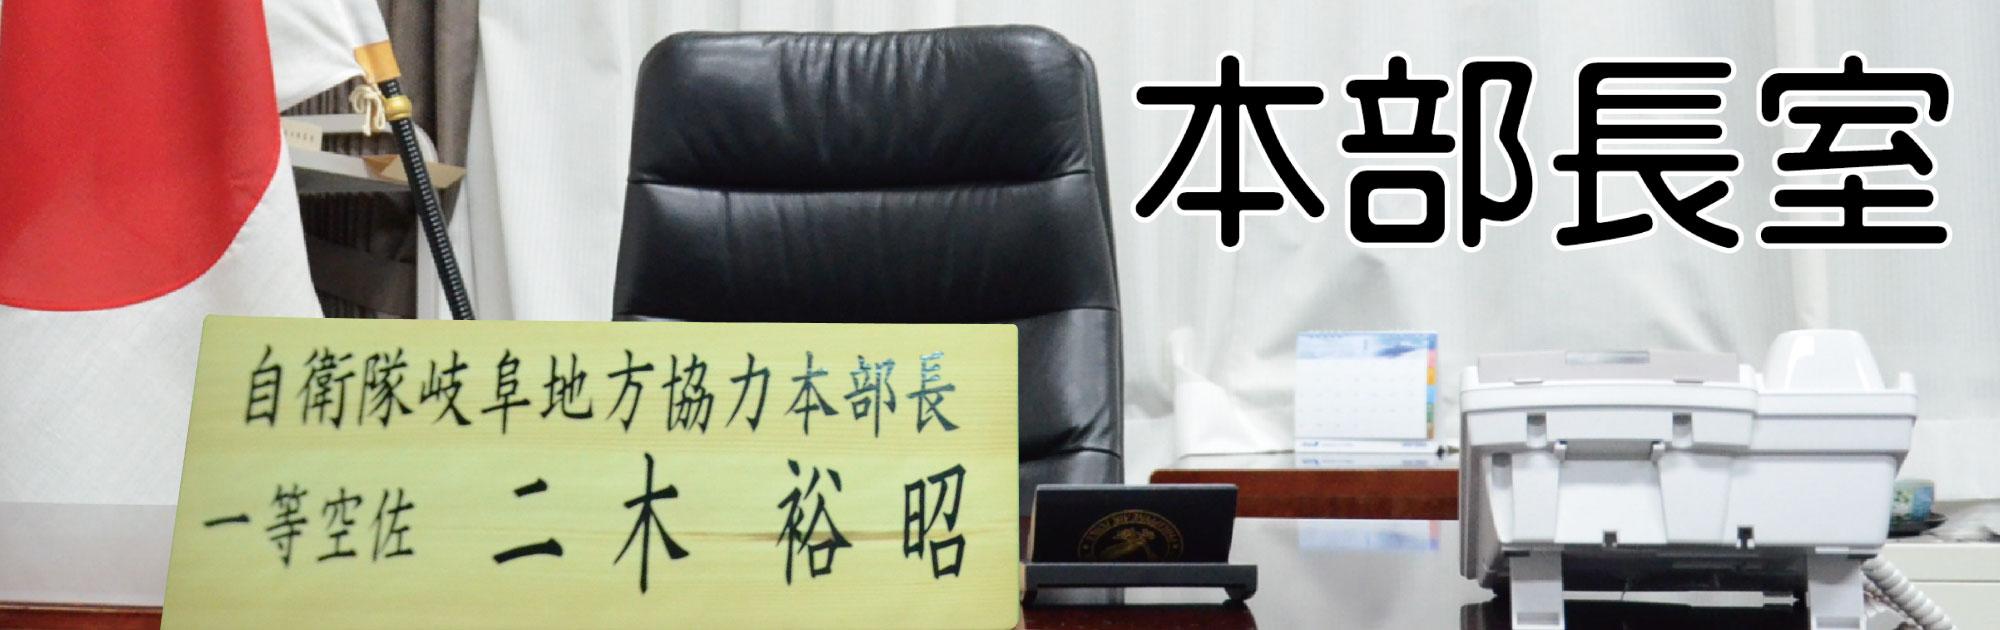 本部長室:自衛隊岐阜地方協力本部:防衛省・自衛隊